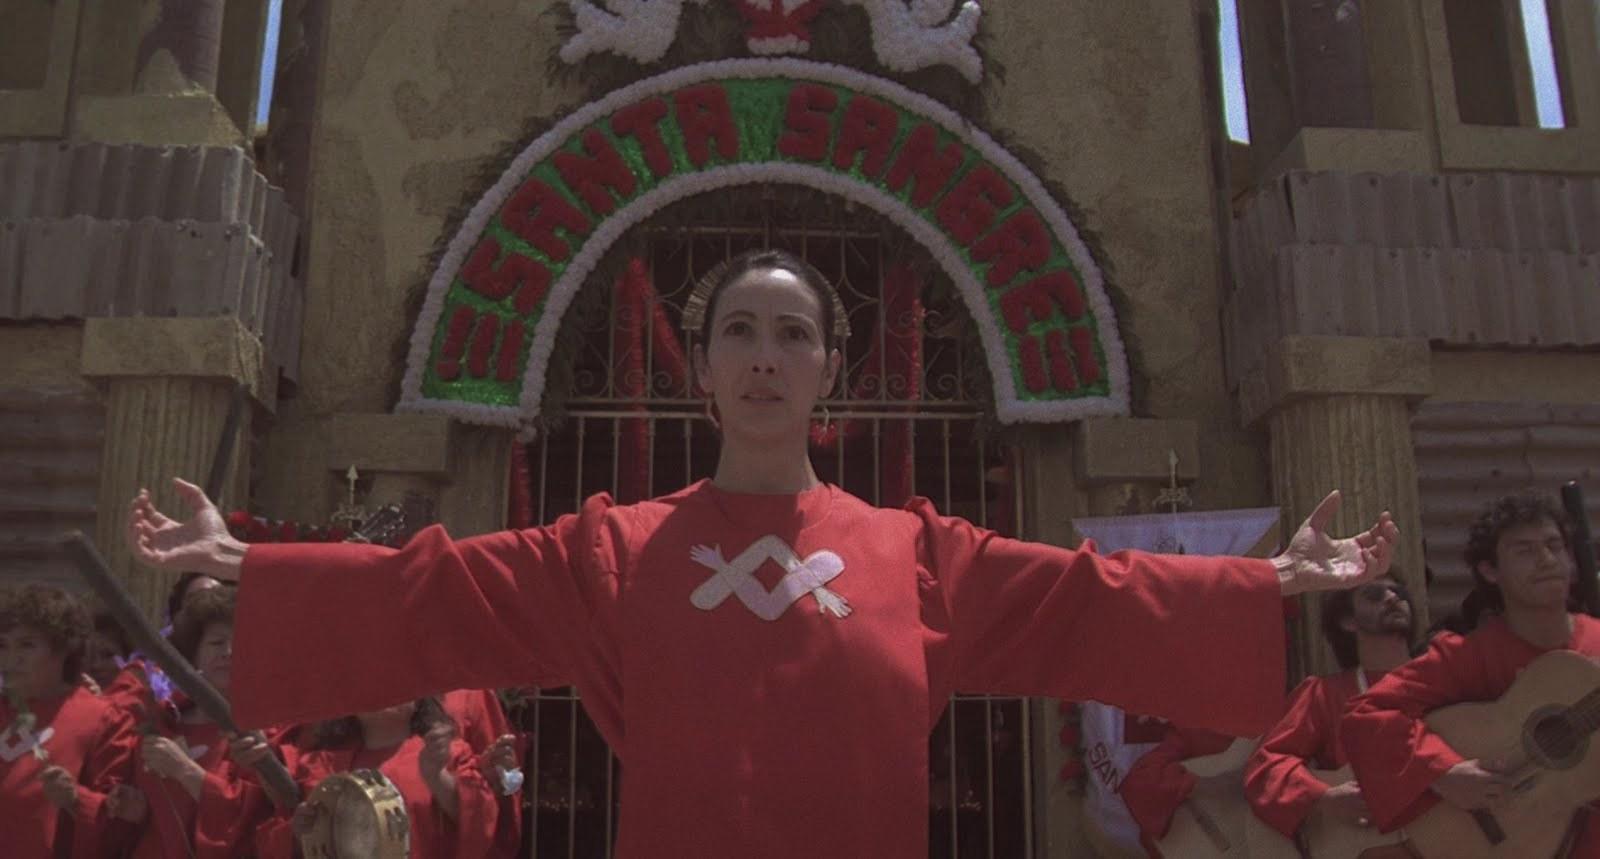 فيلم Santa Sangre 1989 مترجم (للكبار فقط)